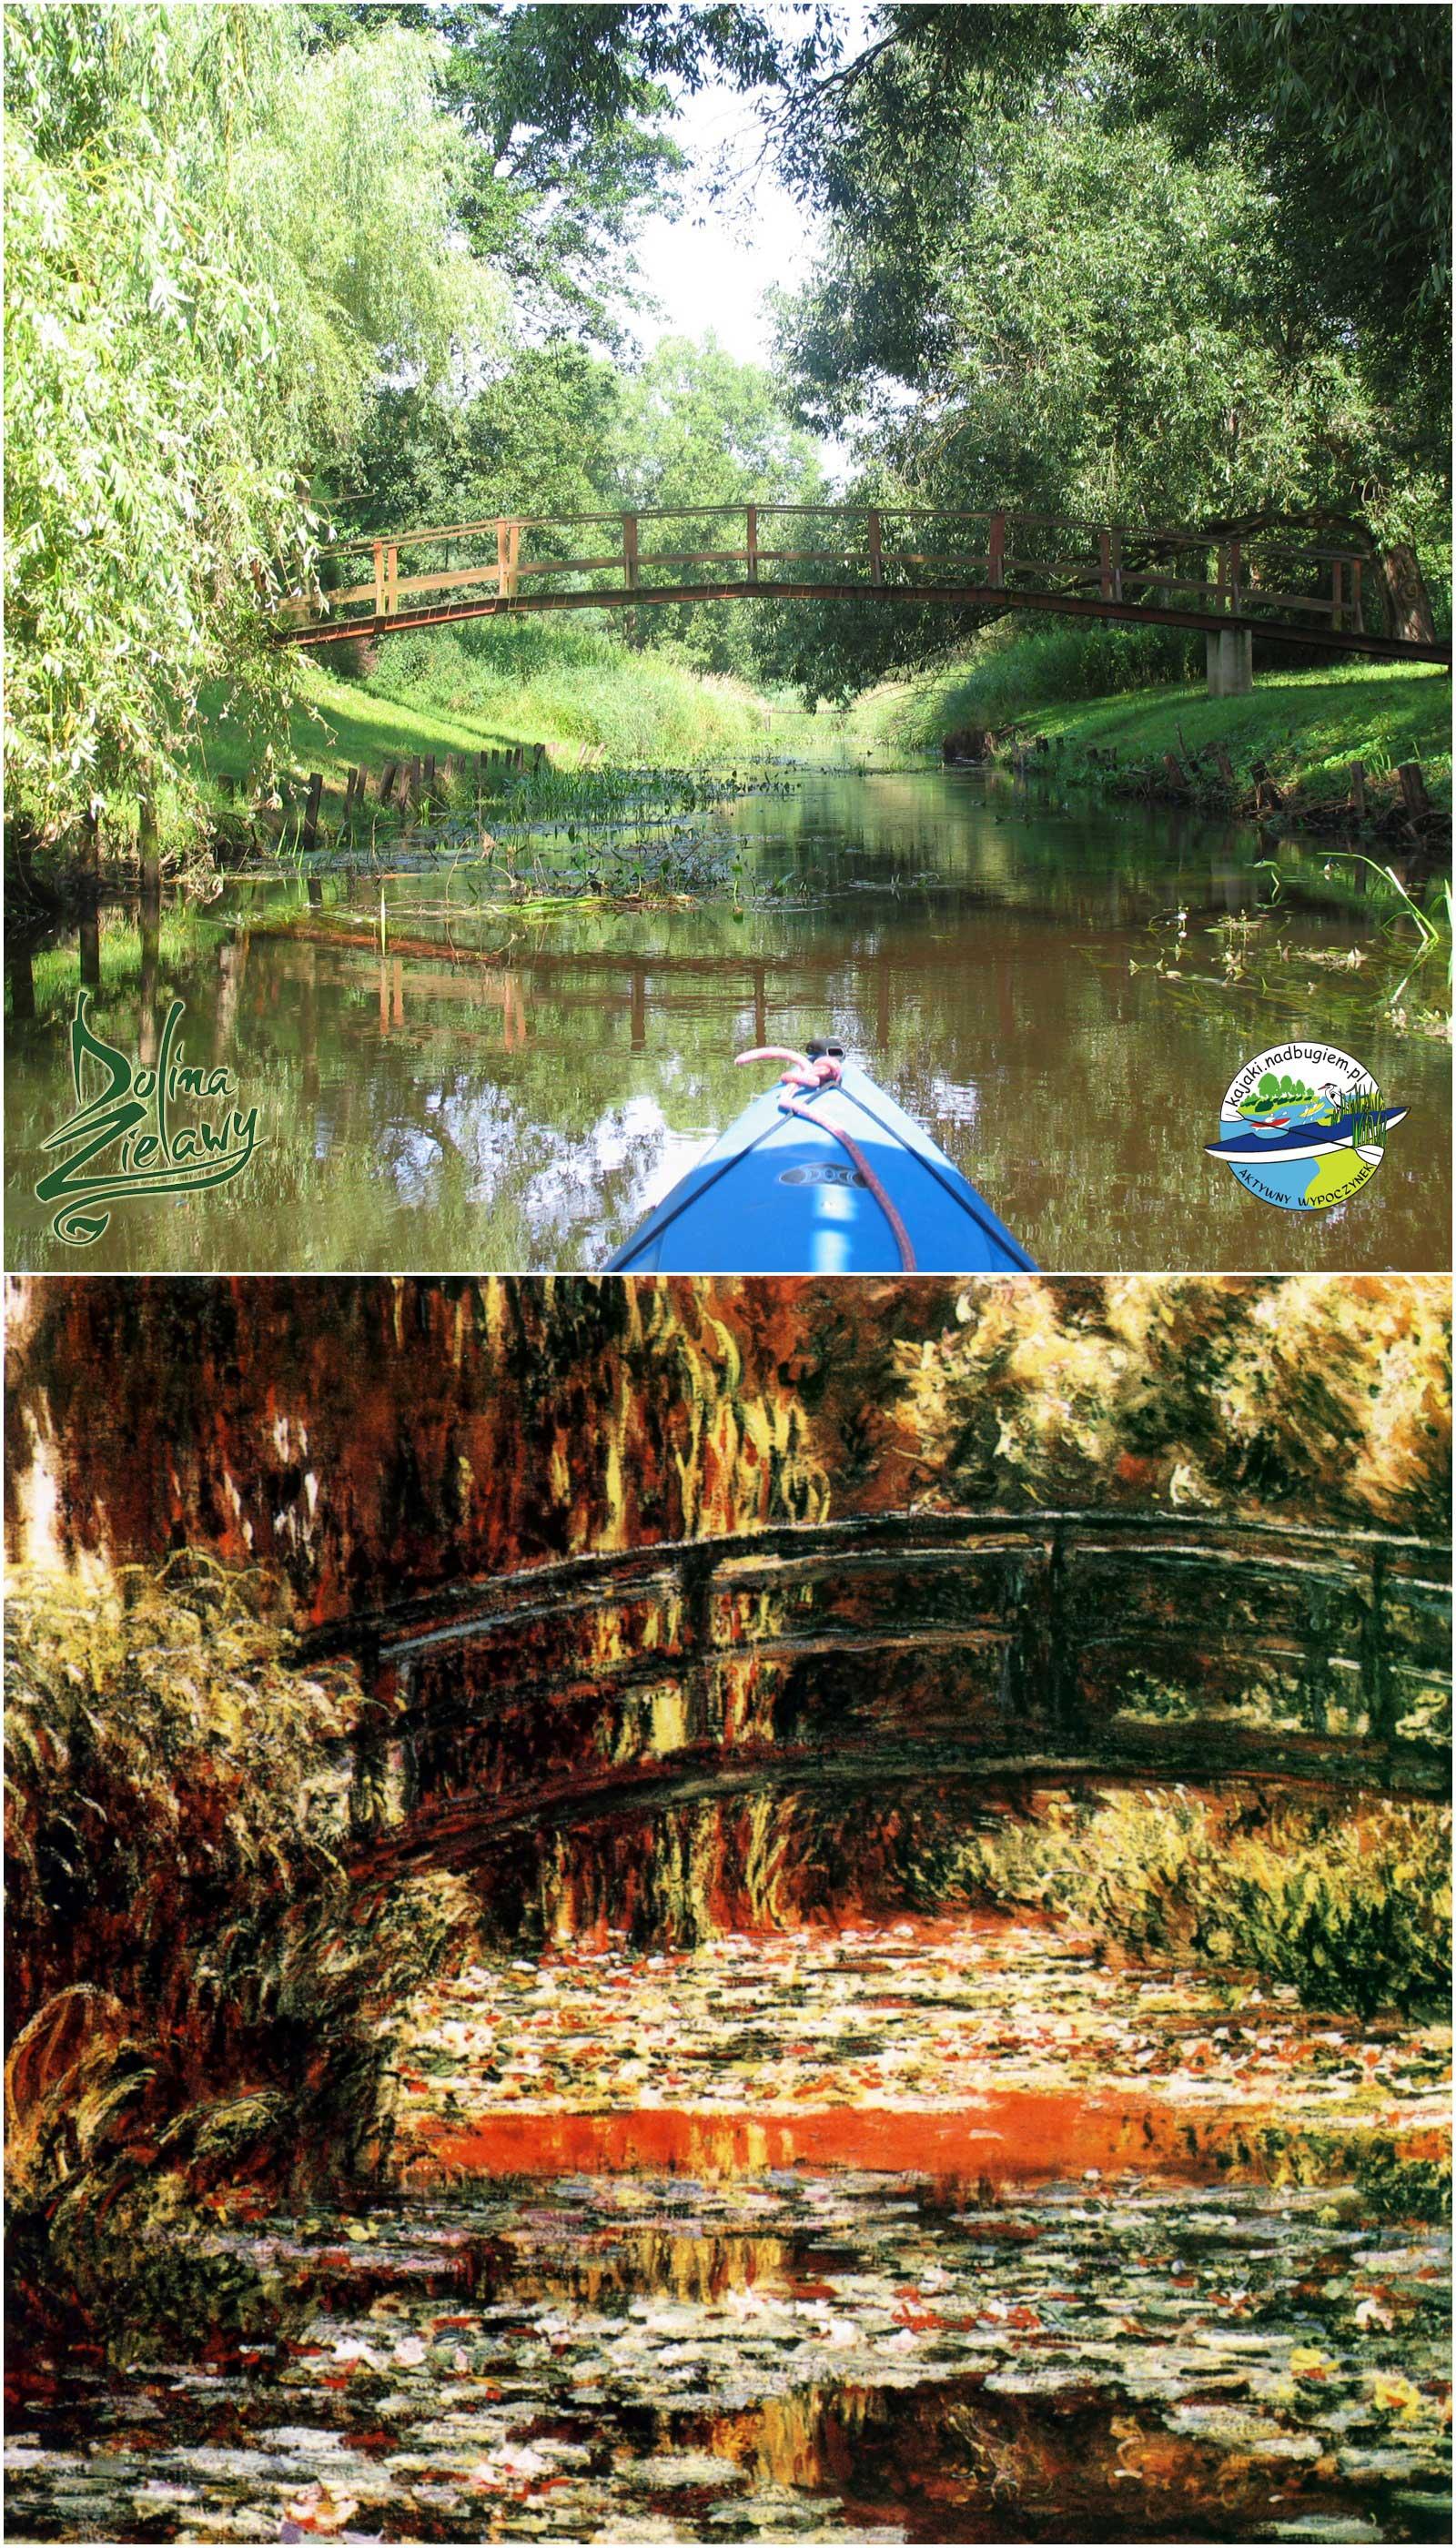 Nad Zielawą. Bardzo piękny widok na mostek podczas spływu kajakowego po Zielawie.